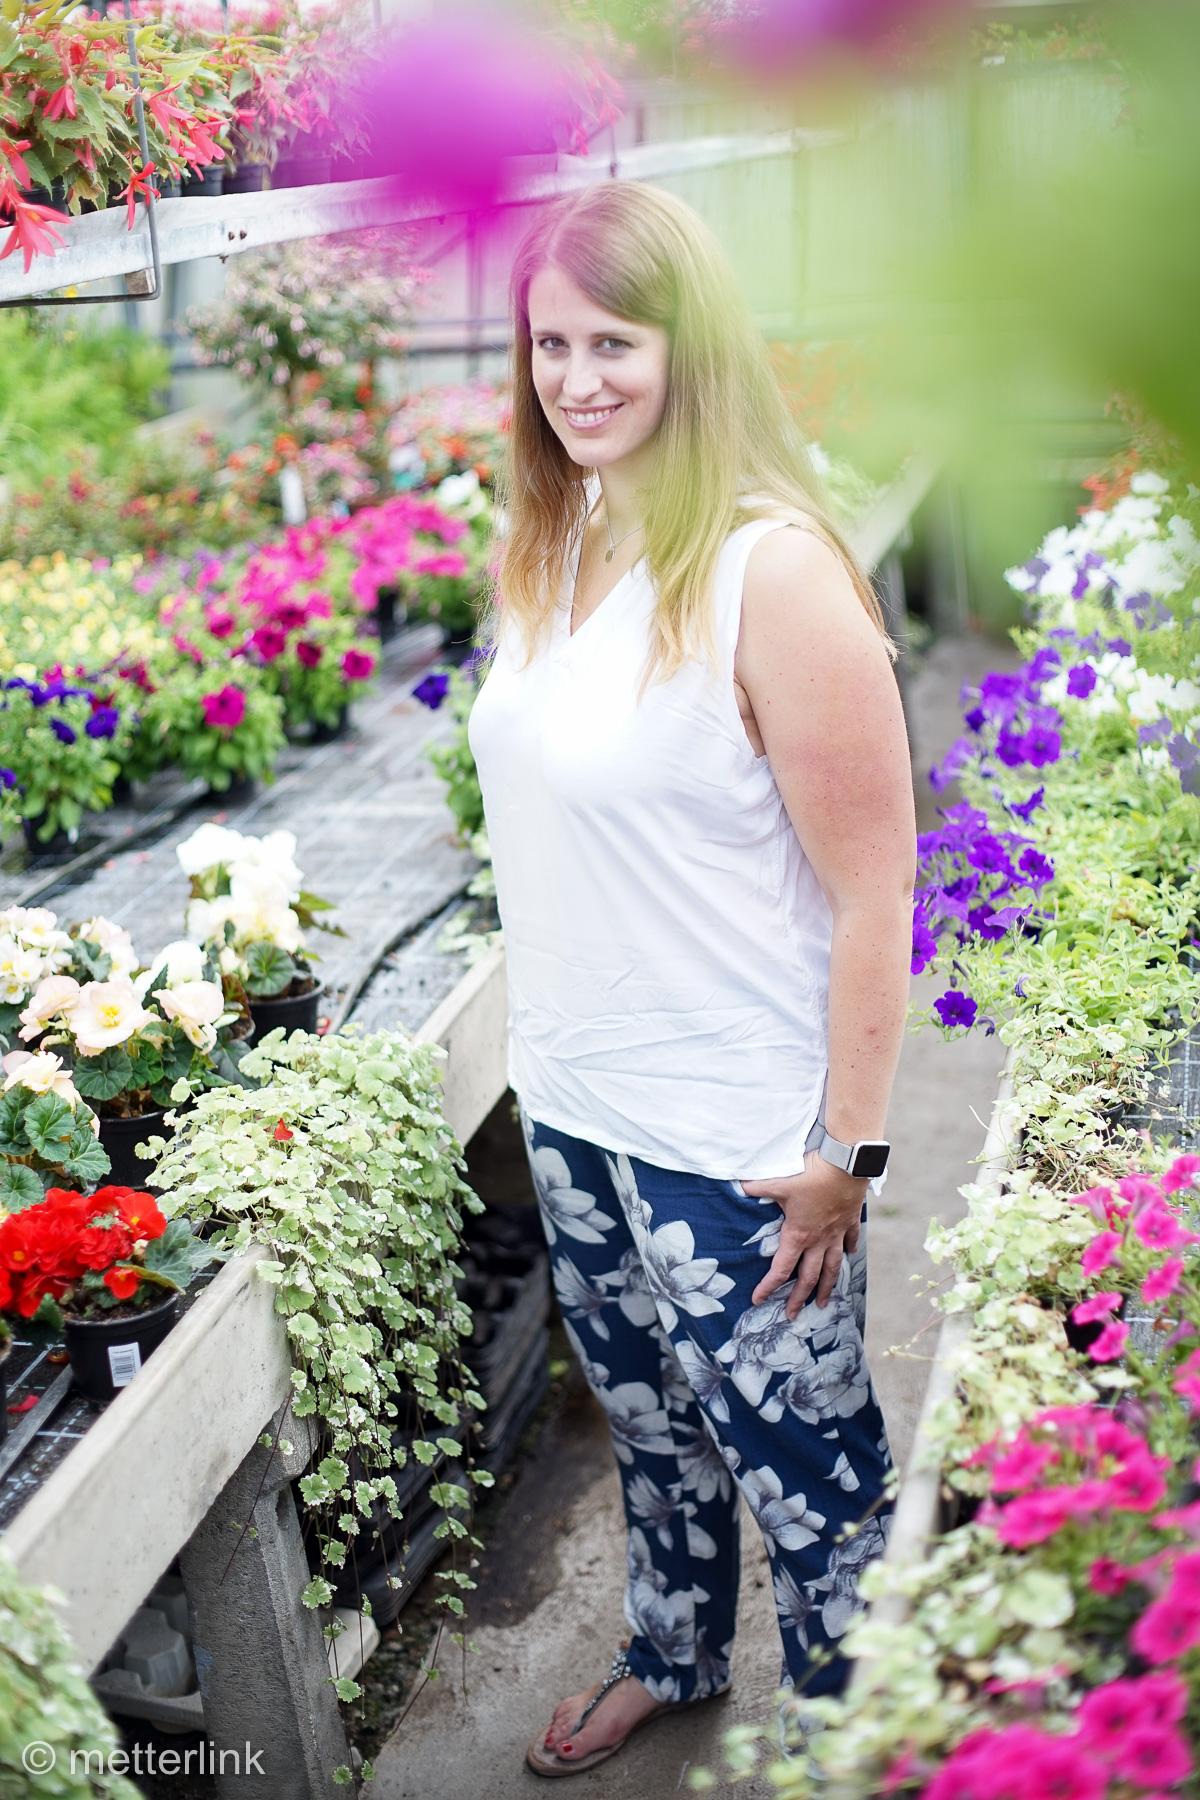 metterlink näht: Stoffhose Juno von Kreativlabor Berlin aus Blumen- Jersey